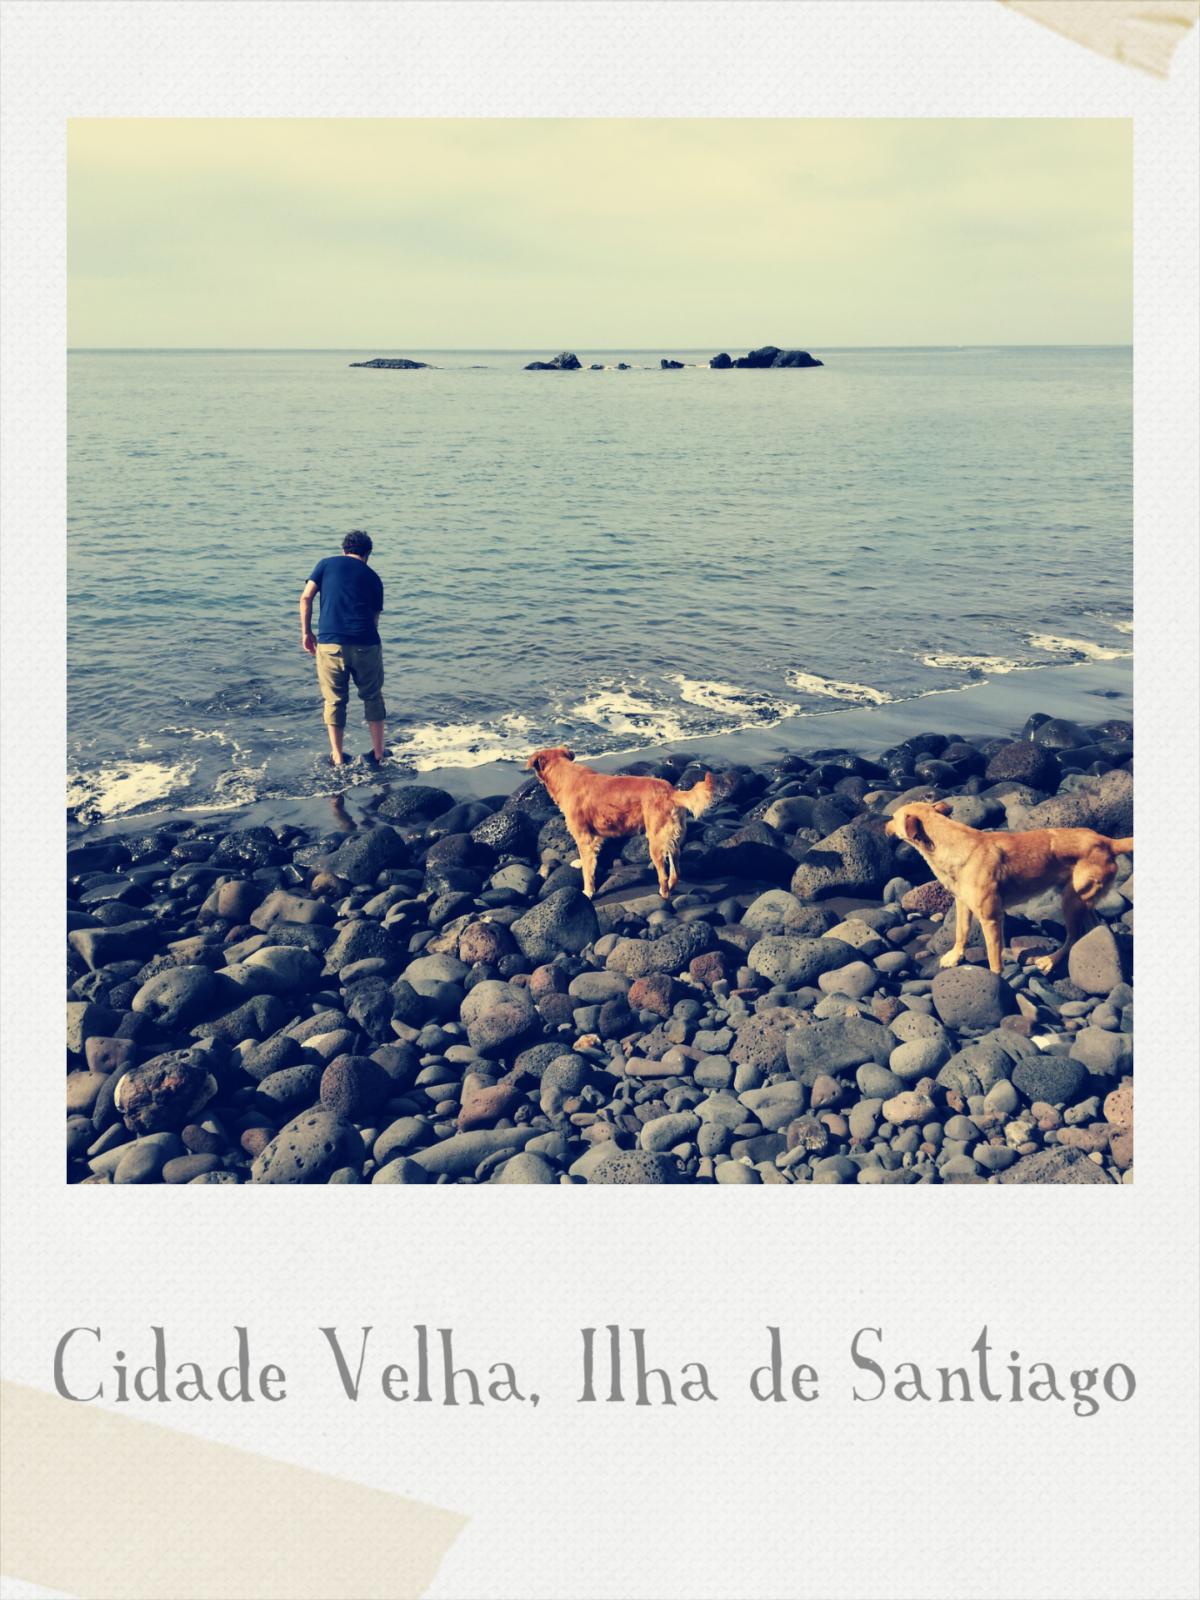 Cidade Velha _ Ilha de Santiago, 3 febbraio